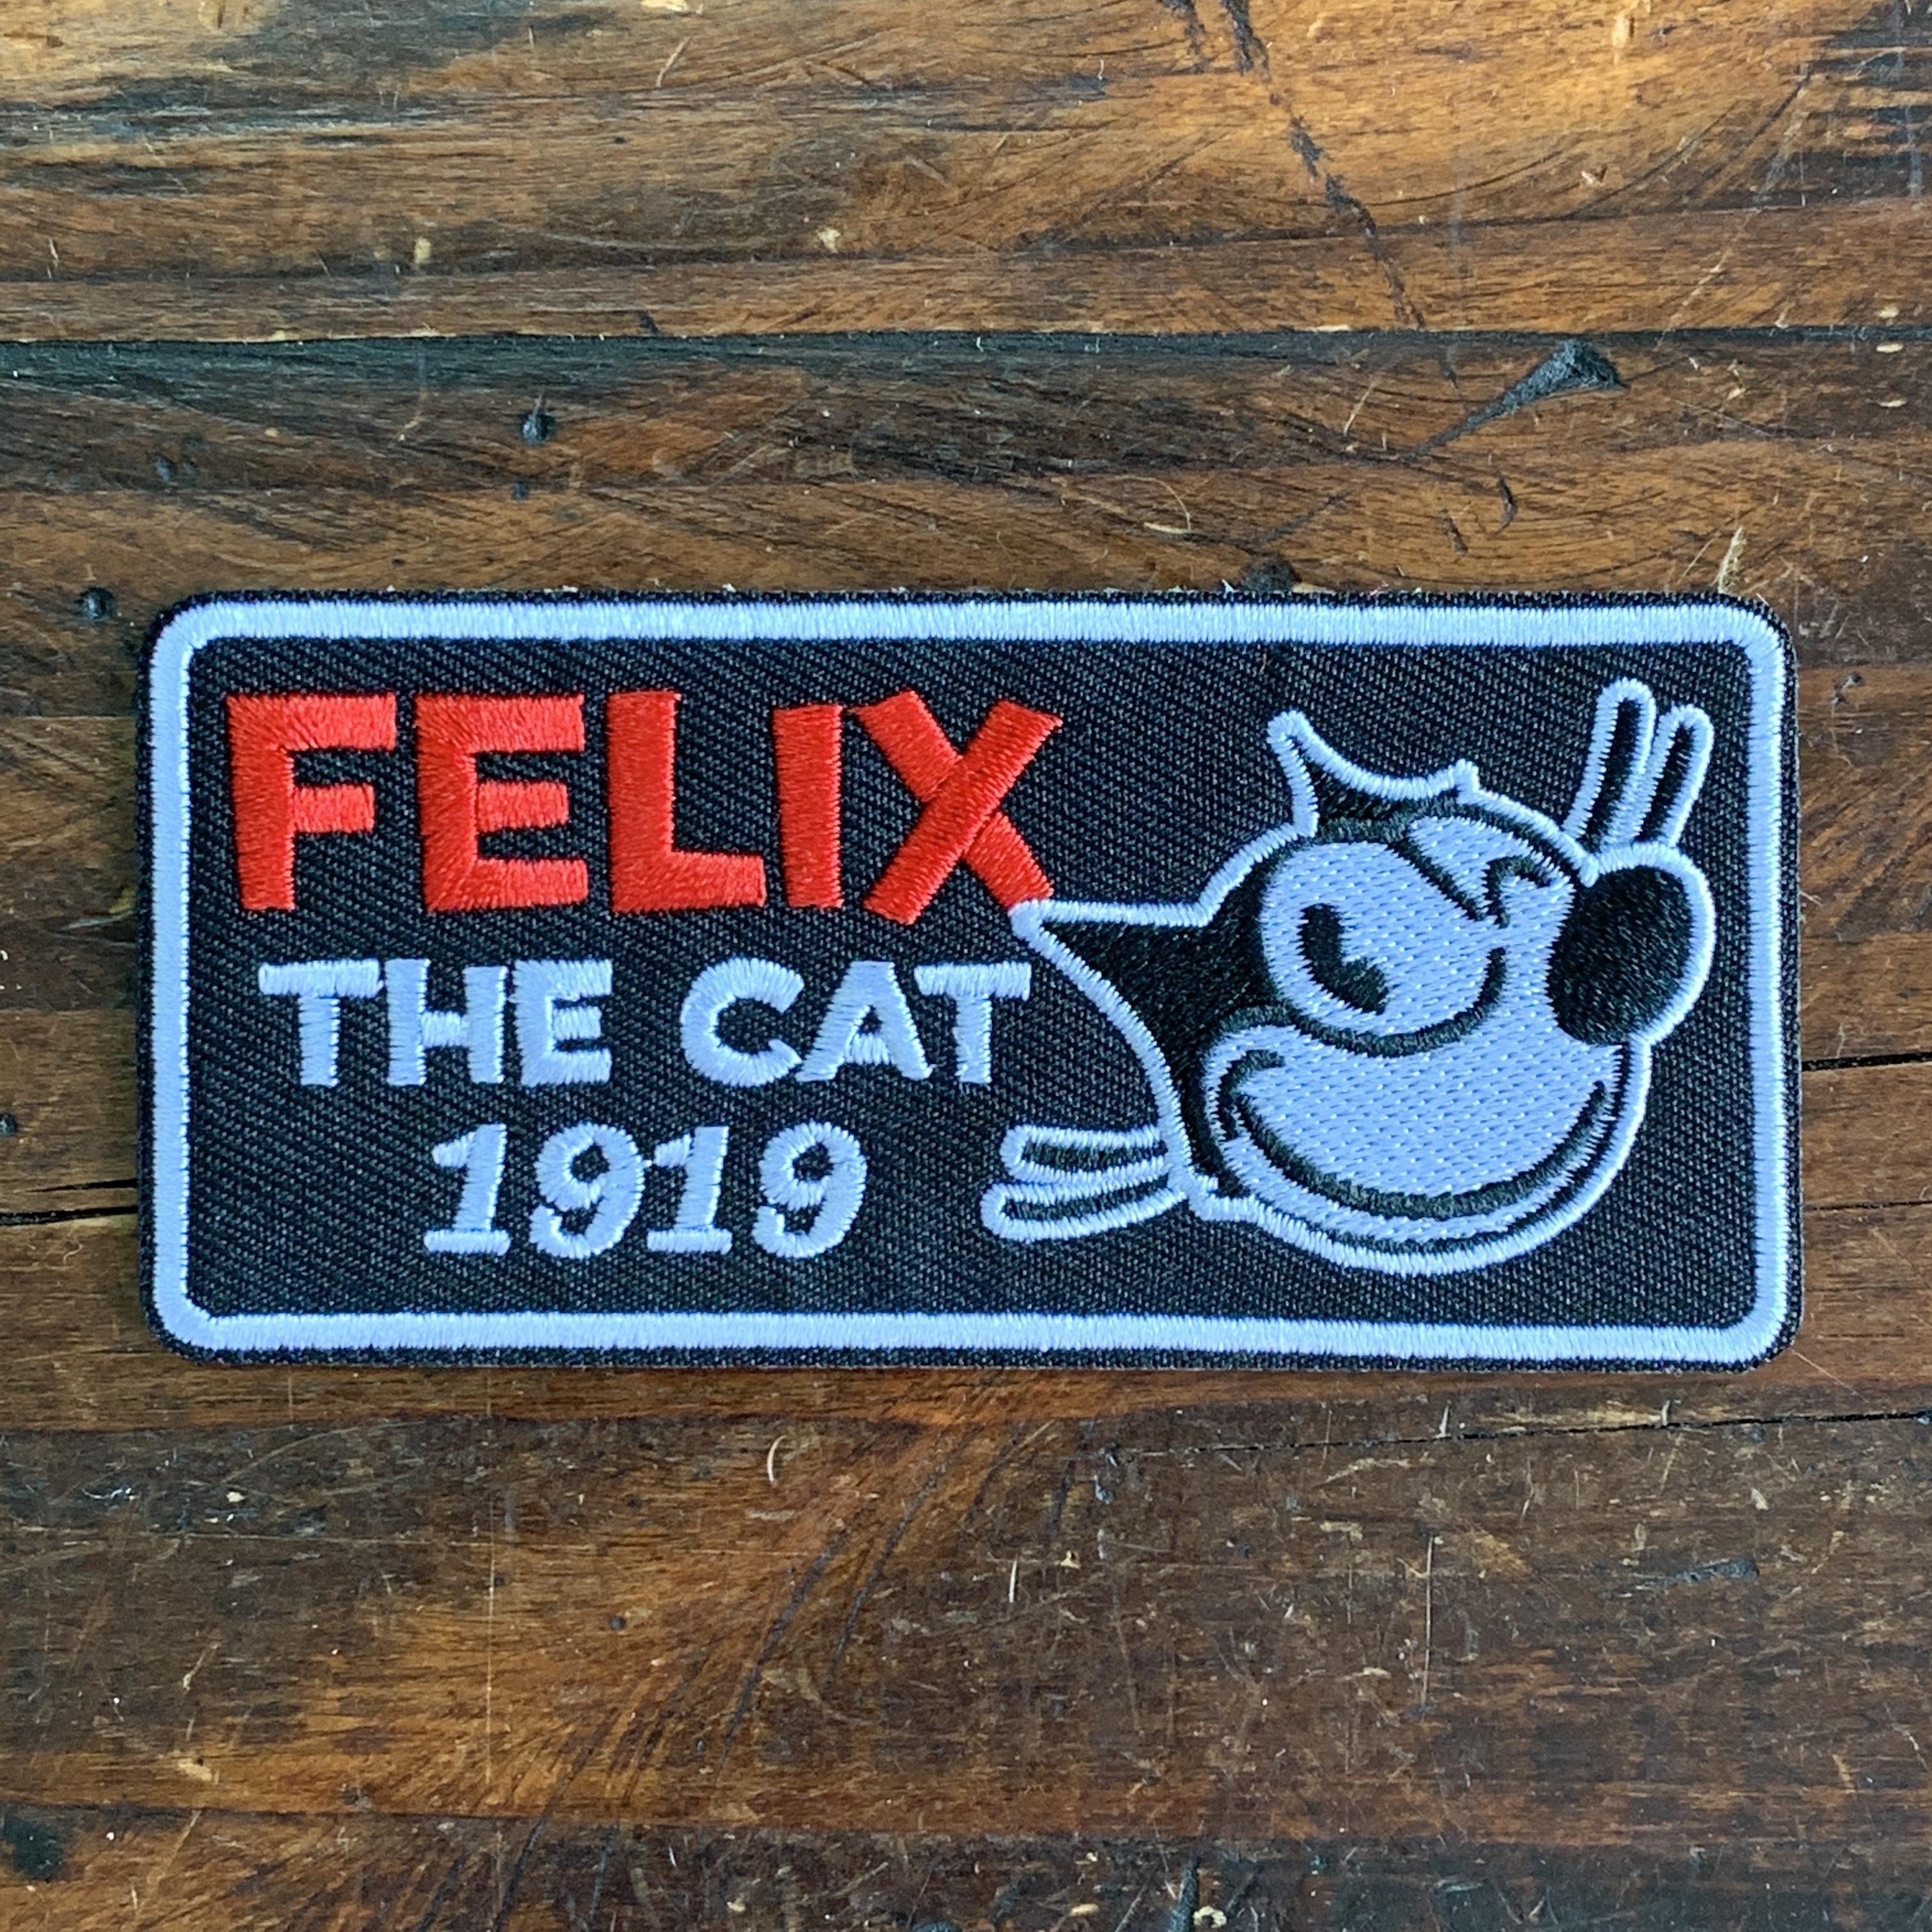 [FELIX]フィリックス 刺繍ワッペン・パッチ・アイロン糊付き・クラシック(A)ウィンク